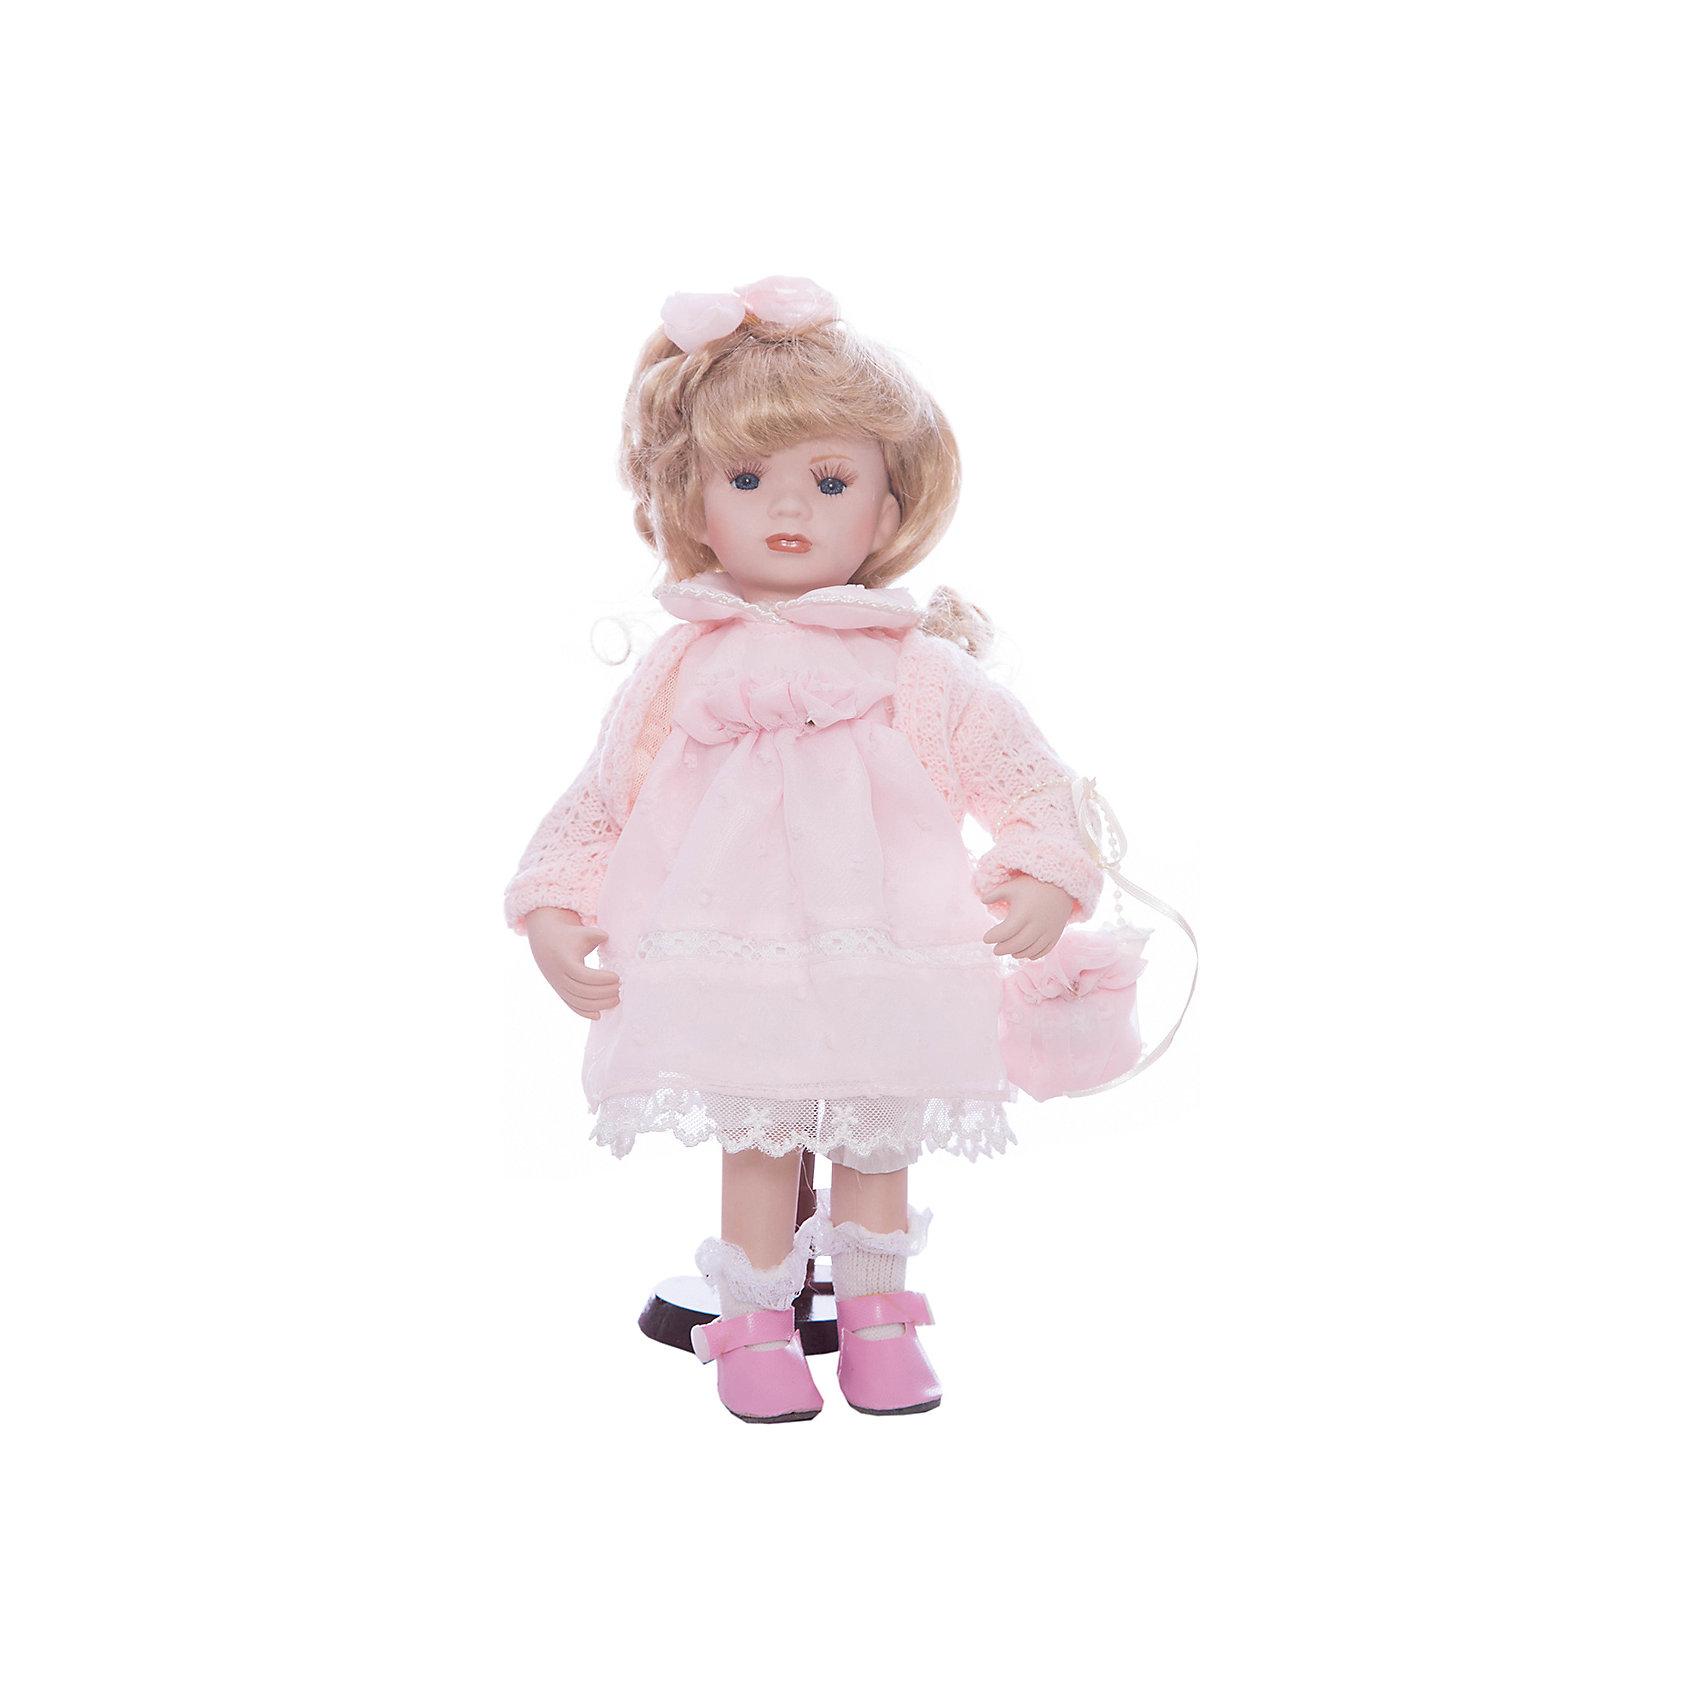 Фарфоровая кукла Ханна, Angel CollectionБренды кукол<br>Фарфоровая кукла Ханна, Angel Collection.<br><br>Характеристики:<br><br>• Высота куклы: 30,5 см.<br>• Материал: фарфор, текстиль<br>• Упаковка: картонная коробка блистерного типа<br><br>Фарфоровая кукла Ханна, Angel Collection представляет собой изящно выполненную куклу на подставке, выглядящую невероятно реалистично. Весь образ куклы тщательно продуман и детализирован. Кукла очаровывает с первого взгляда. У Ханны светлые волосы, собранные бантиком, большие глаза и ангельское кукольное личико. Одета кукла в прелестное платье с кружевные оборками, вязанную кофточку и туфельки, в руках - сумочка. <br><br>Фарфоровая красавица Ханна - это не просто игрушка, а также украшение для интерьера или ценный экспонат коллекции. Каждая кукла в серии Angel Collection, обладает неповторимым образом - принцессы, феи, маленькие девочки, роскошные невесты и т.д. Изысканные наряды и очаровательная матовость фарфора превращают этих кукол в настоящее произведение искусства. Куклы Angel Collection сделаны из уникальной голубой глины, добываемой только в провинции Tai-Nan Shin, Тайвань.<br><br>Фарфоровую куклу Ханна, Angel Collection можно купить в нашем интернет-магазине.<br><br>Ширина мм: 145<br>Глубина мм: 320<br>Высота мм: 95<br>Вес г: 667<br>Возраст от месяцев: 36<br>Возраст до месяцев: 2147483647<br>Пол: Женский<br>Возраст: Детский<br>SKU: 5400276